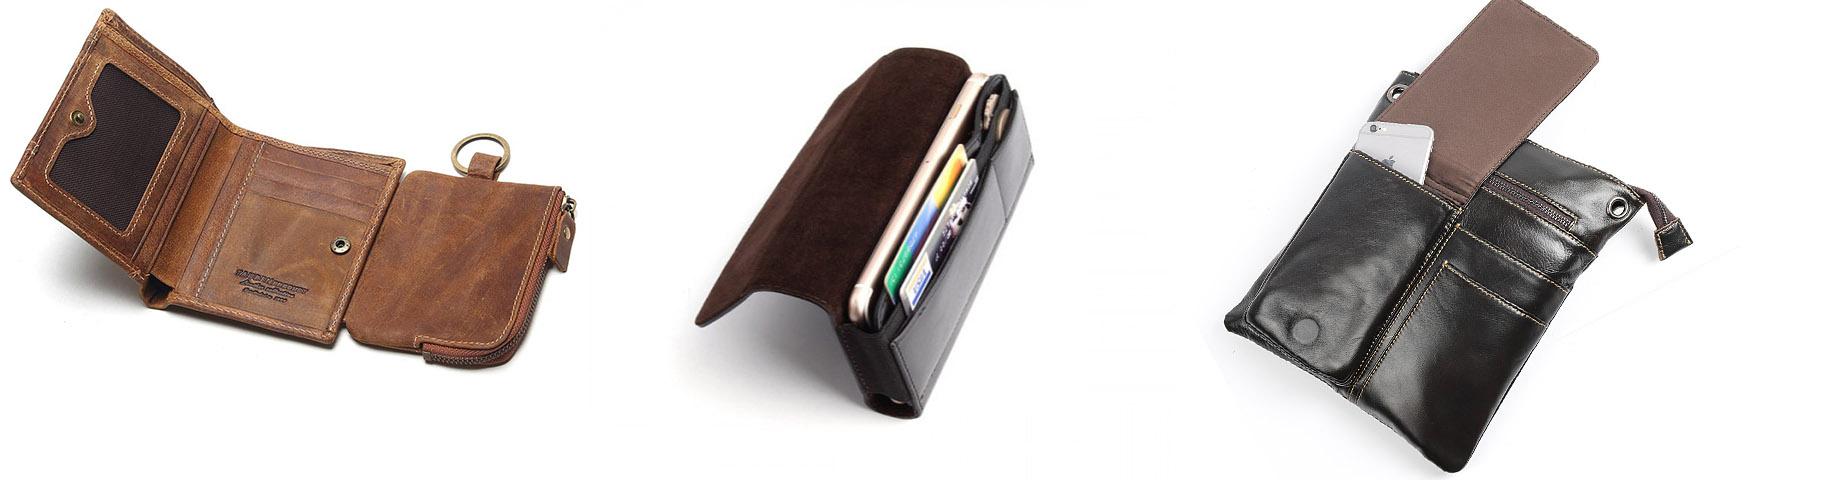 Дополнительные отсеки чехла-кобуры для телефона